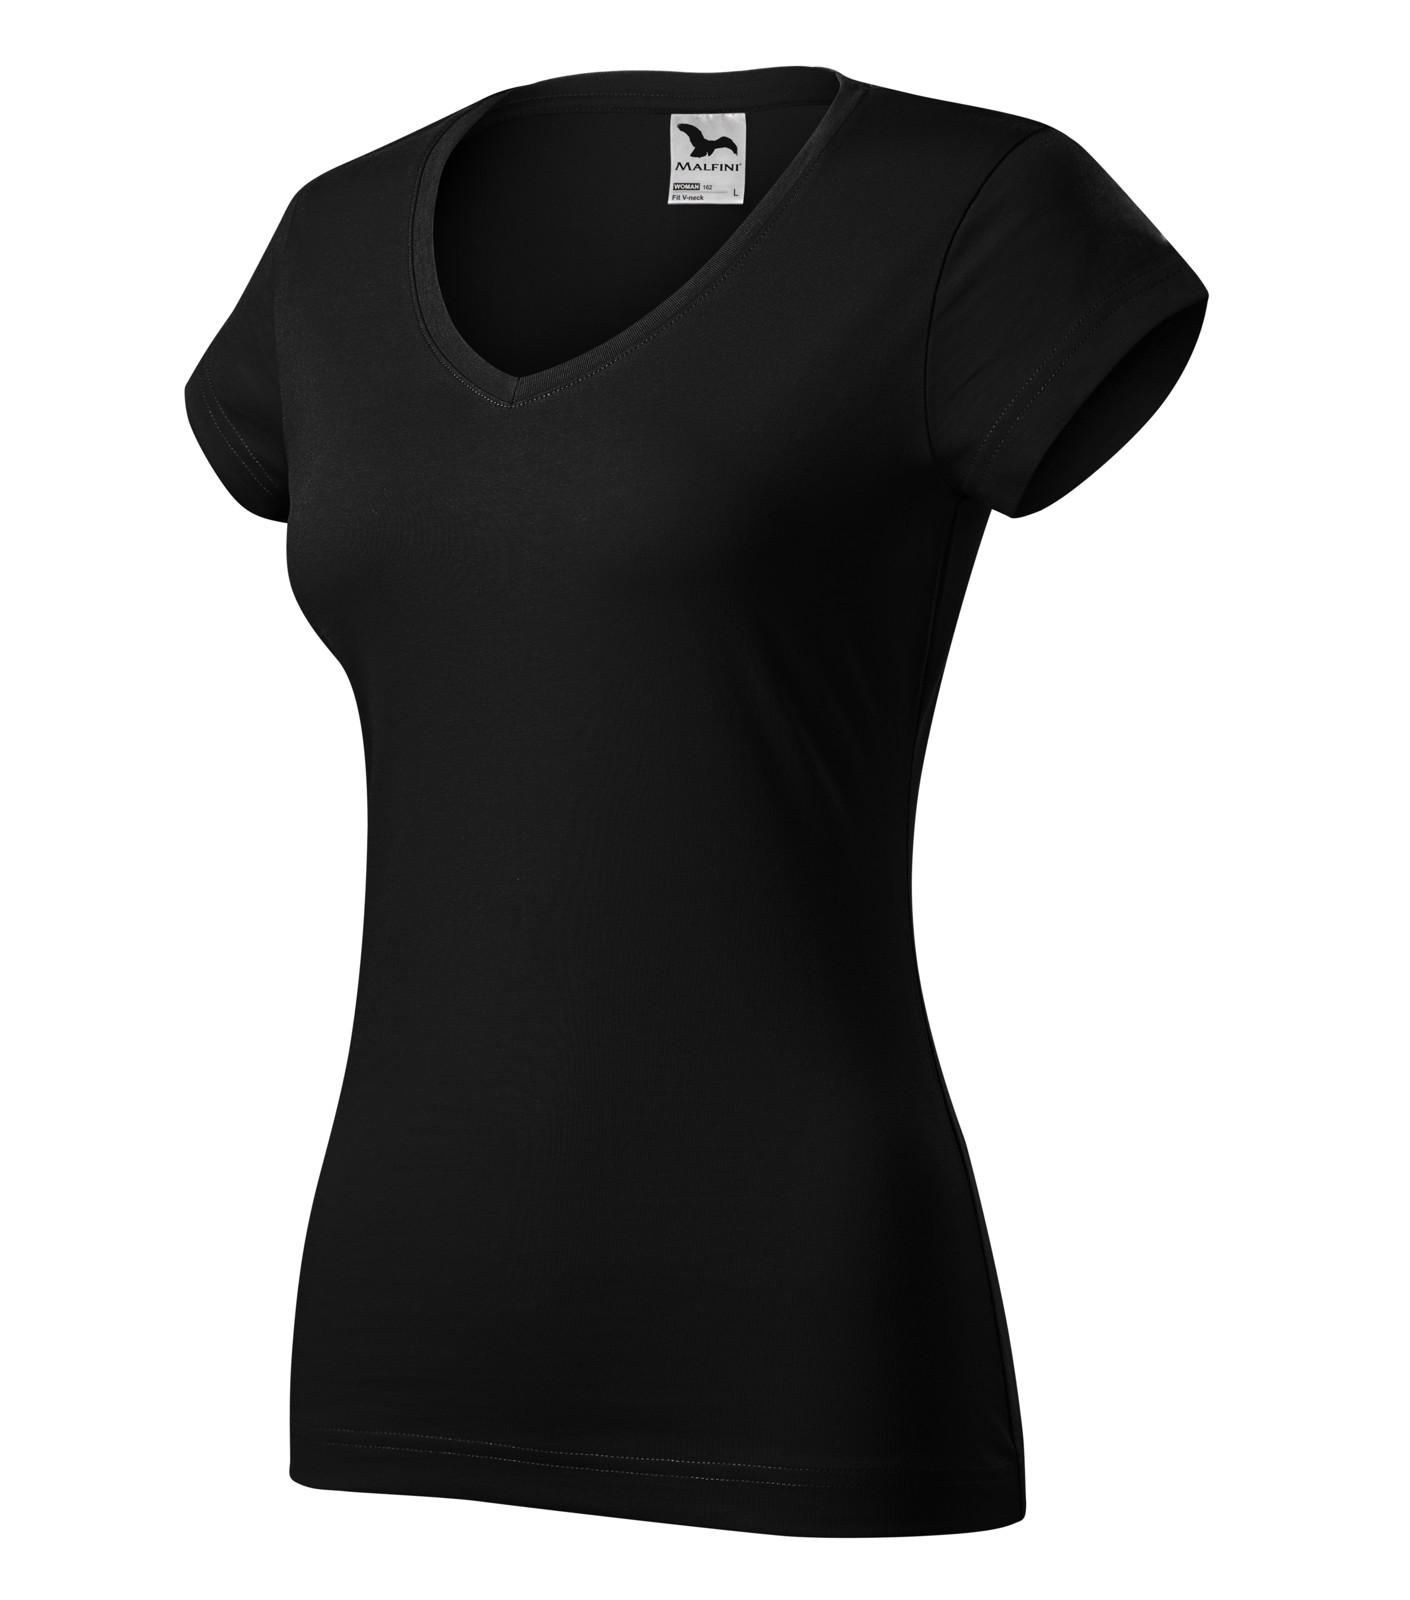 Tričko dámské Malfini Fit V-neck - Černá / L